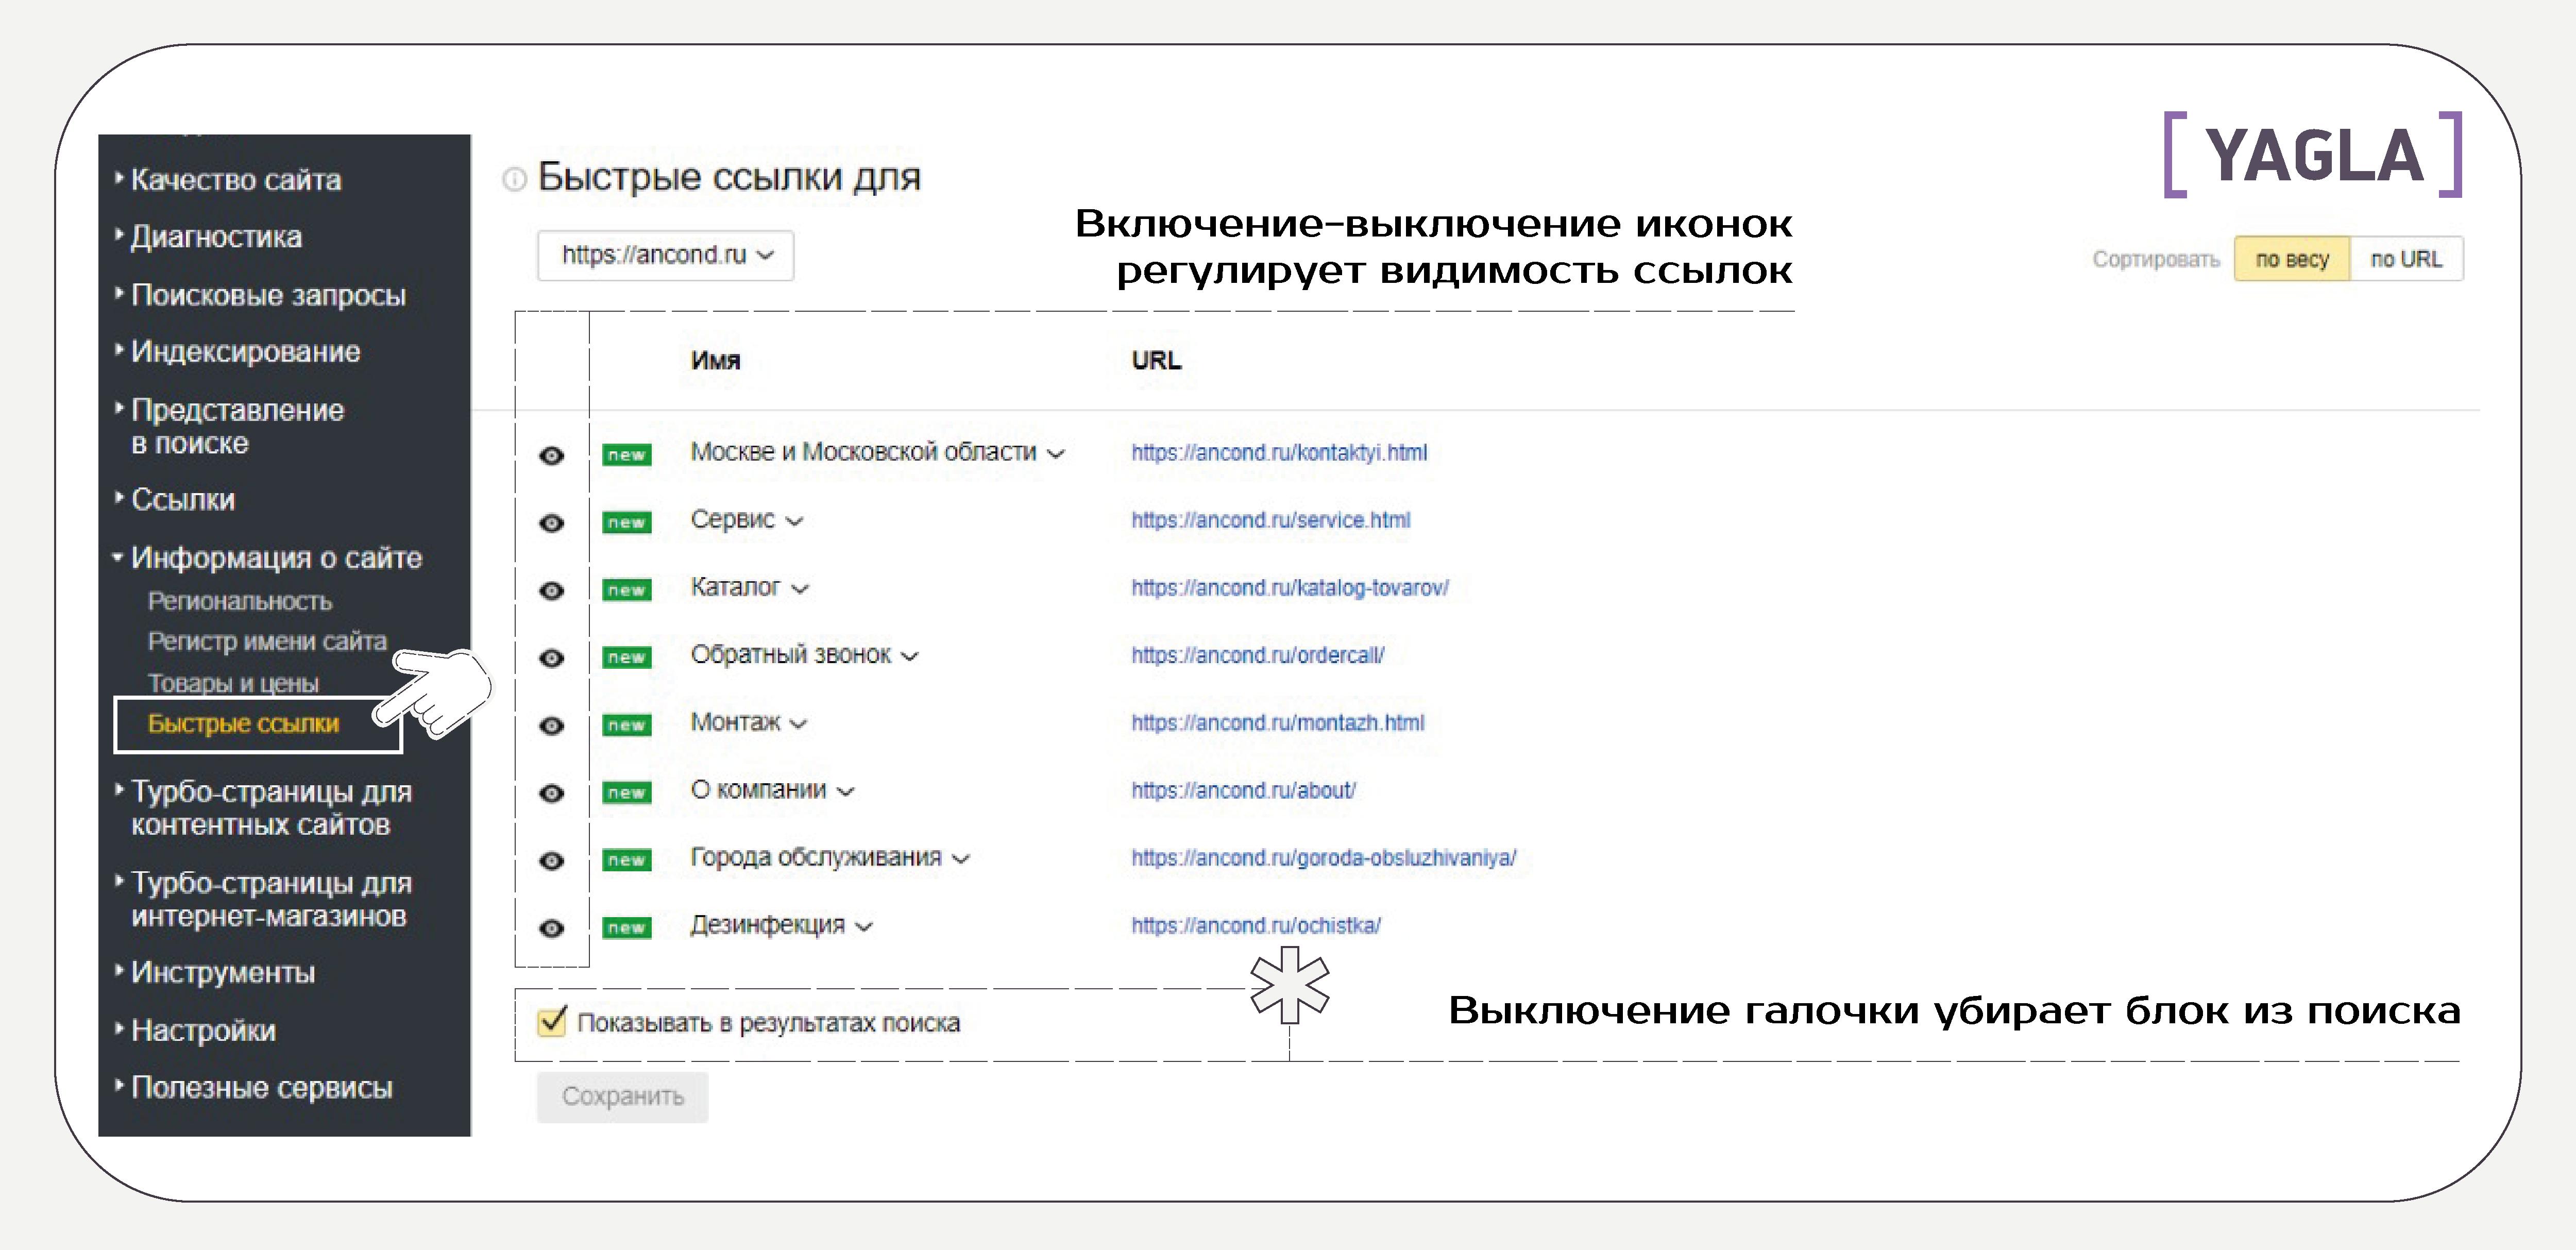 Настройка отображения быстрых ссылок в Яндексе